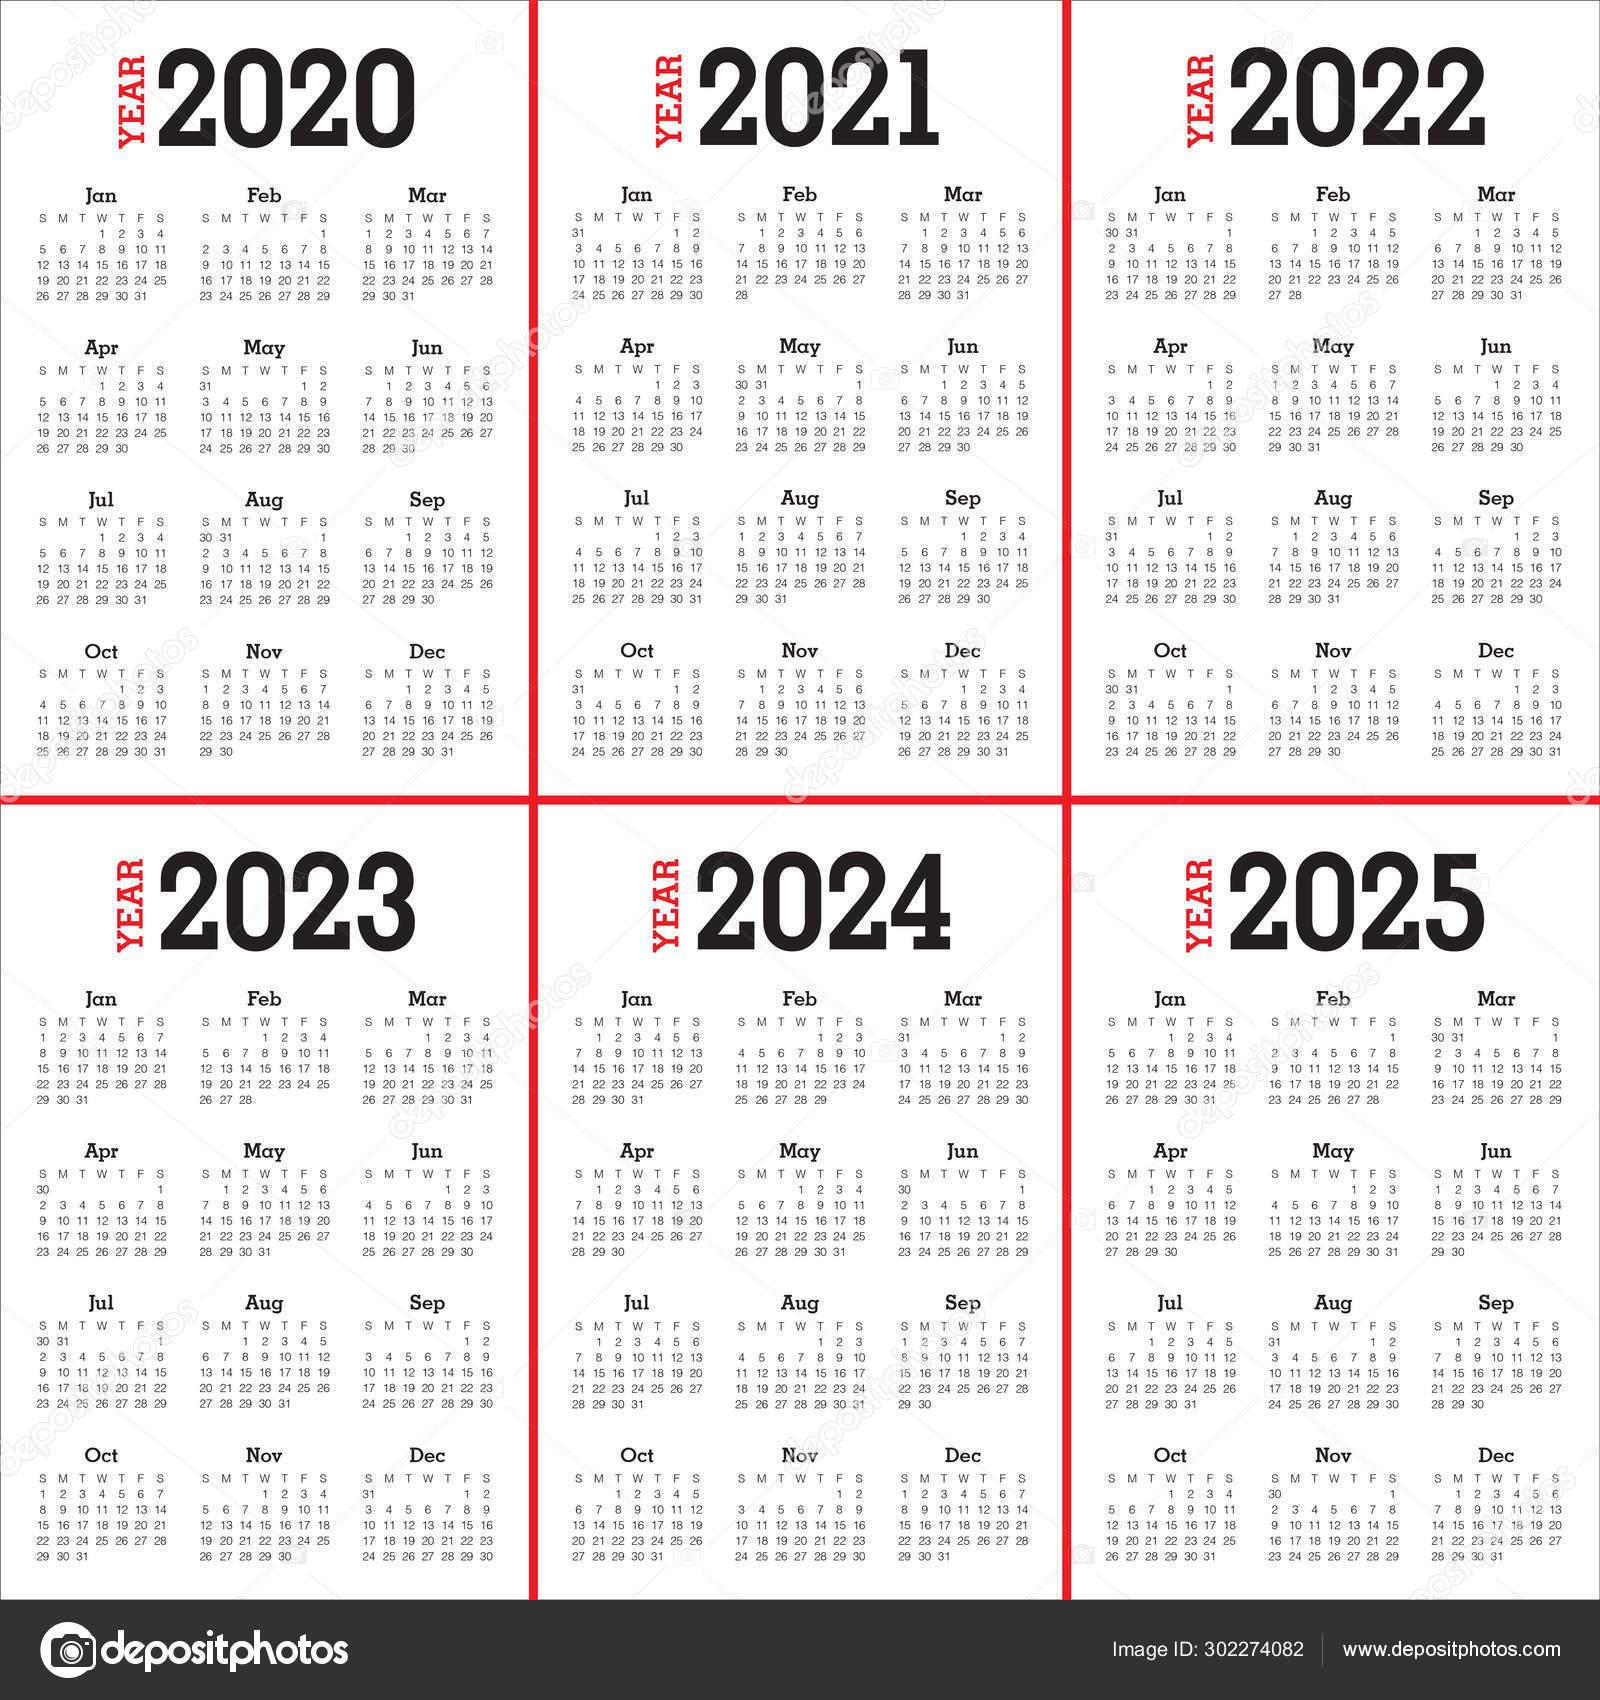 Календарь 2022 2023 2024 2025 — Стоковое Фото © Dolphfynlow